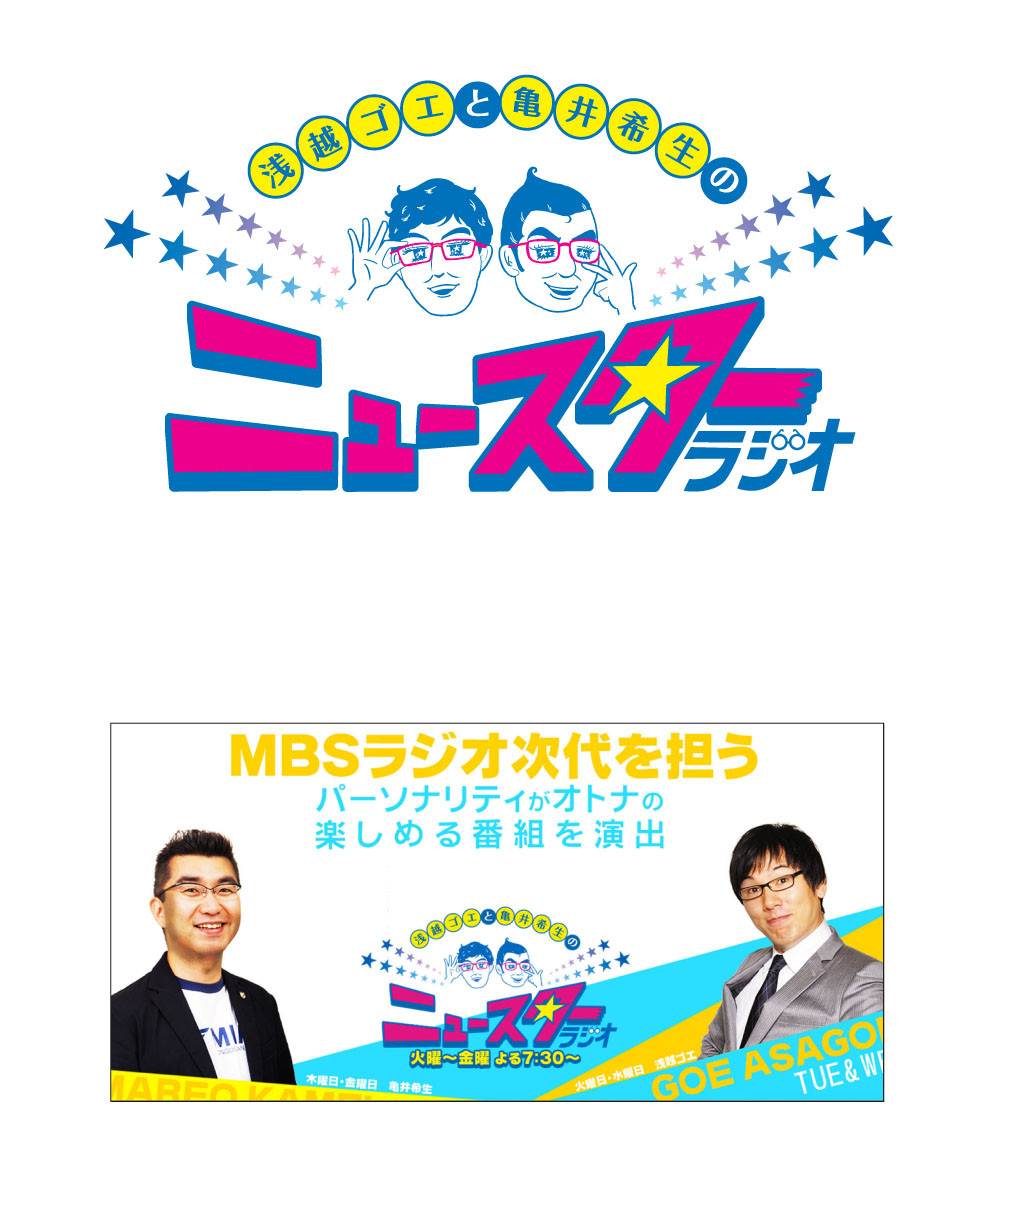 浅越ゴエと亀井希生の「ニュースターラジオ」ロゴ 毎日放送(2015)